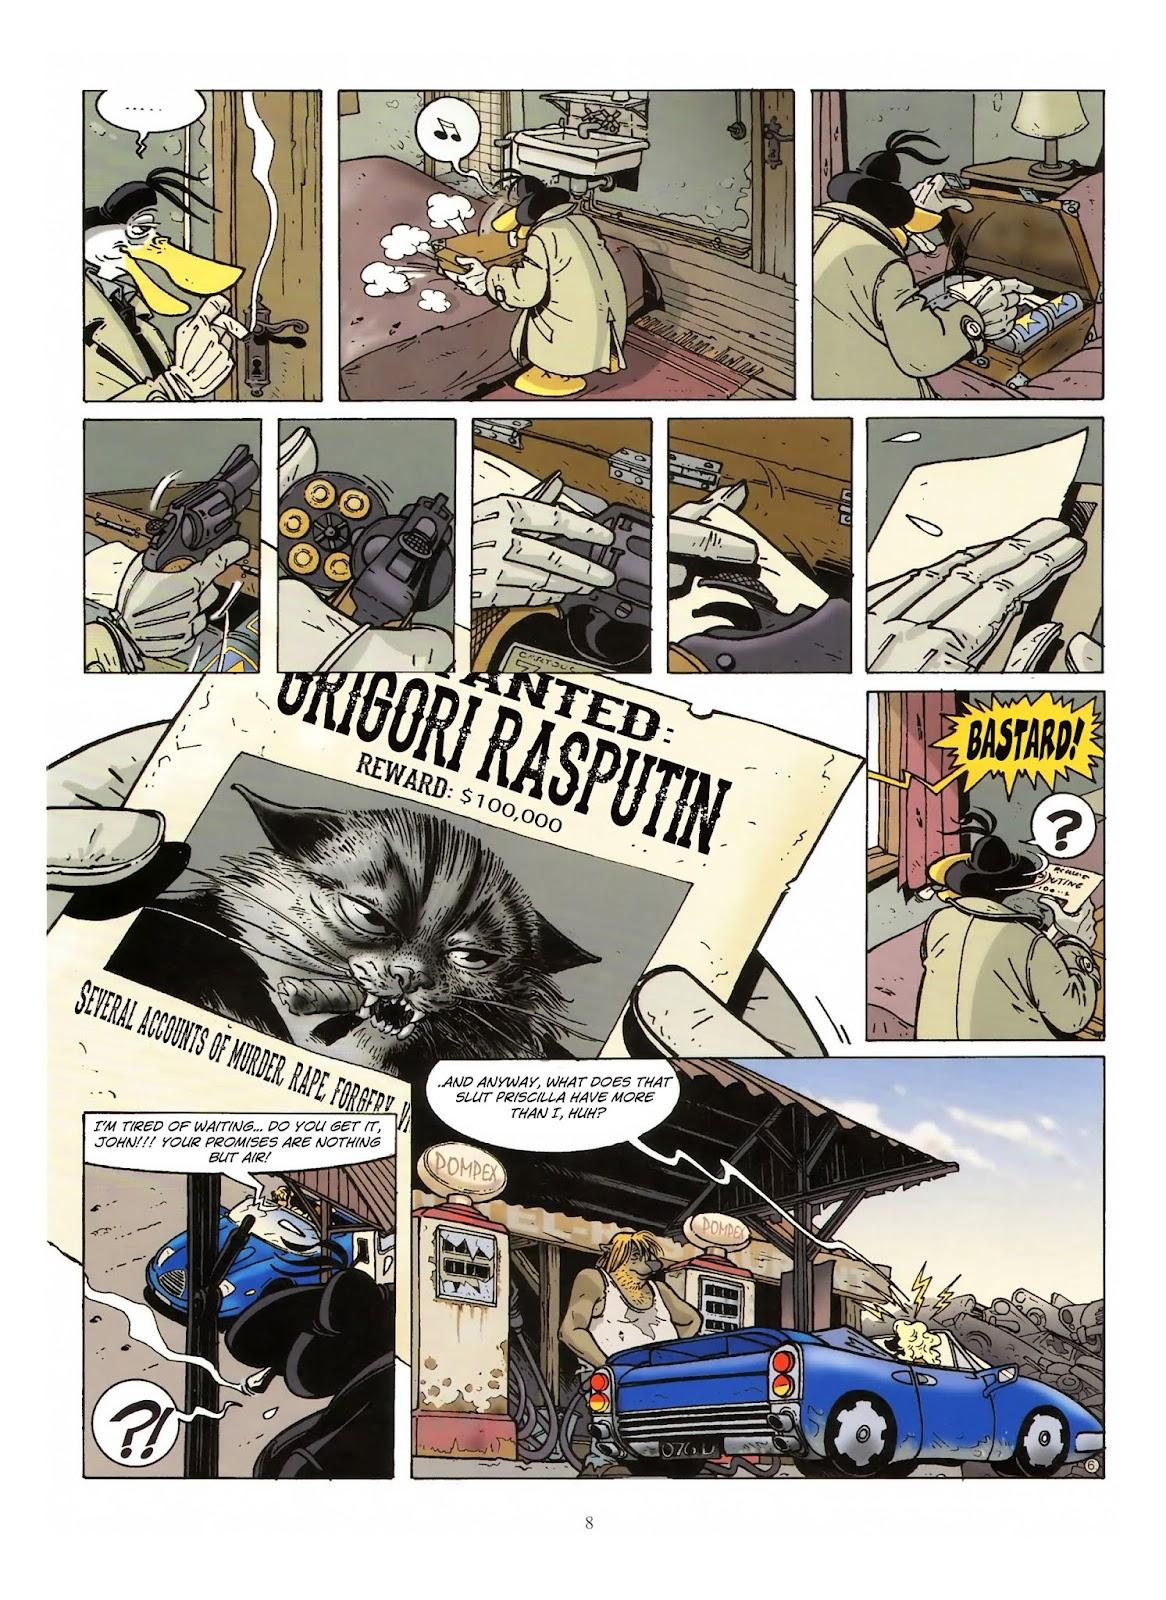 Une enquête de l'inspecteur Canardo issue 10 - Page 9